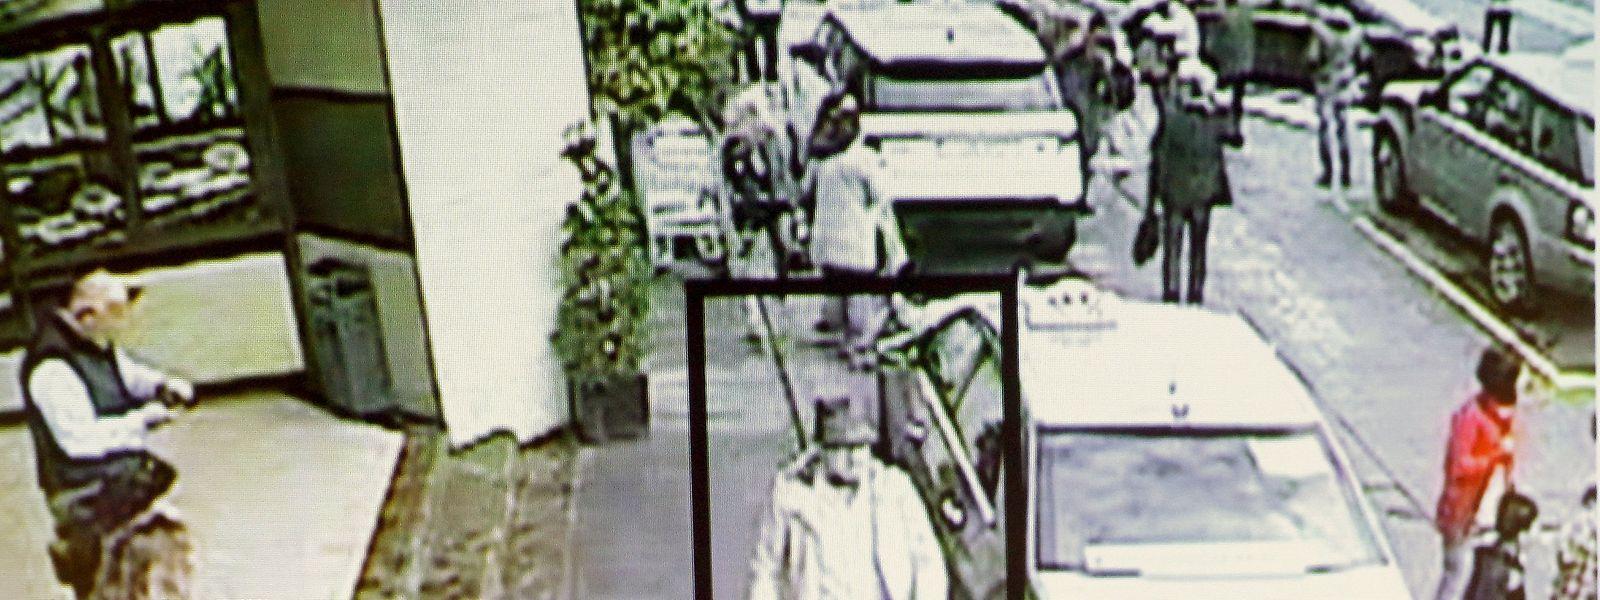 """Der """"Mann mit Hut"""" wurde am Tag der Brüsseler Anschläge von Überwachungskameras gefilmt. Seine Jacke hat er laut Staatsanwaltschaft in einen Mülleimer geworfen, den Hut verkauft."""